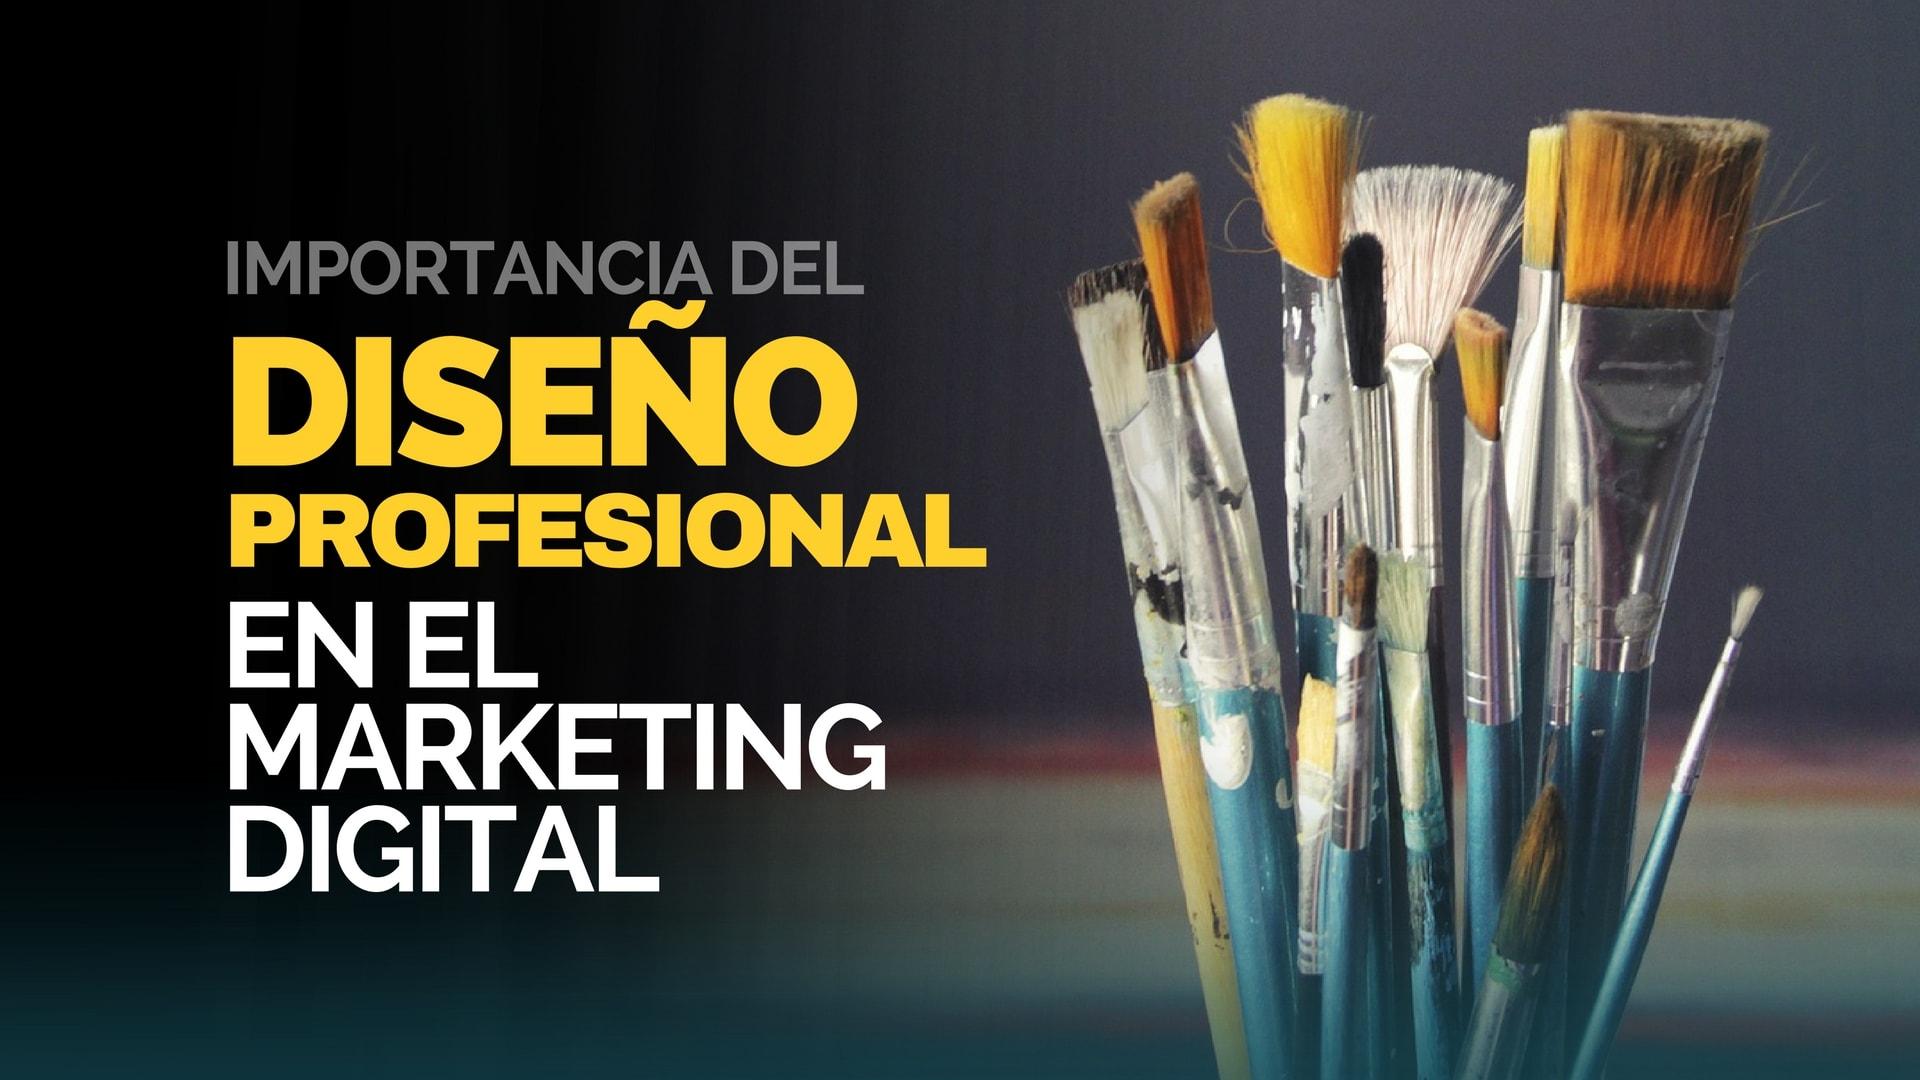 La importancia del Diseño Profesional en el Marketing Digital.